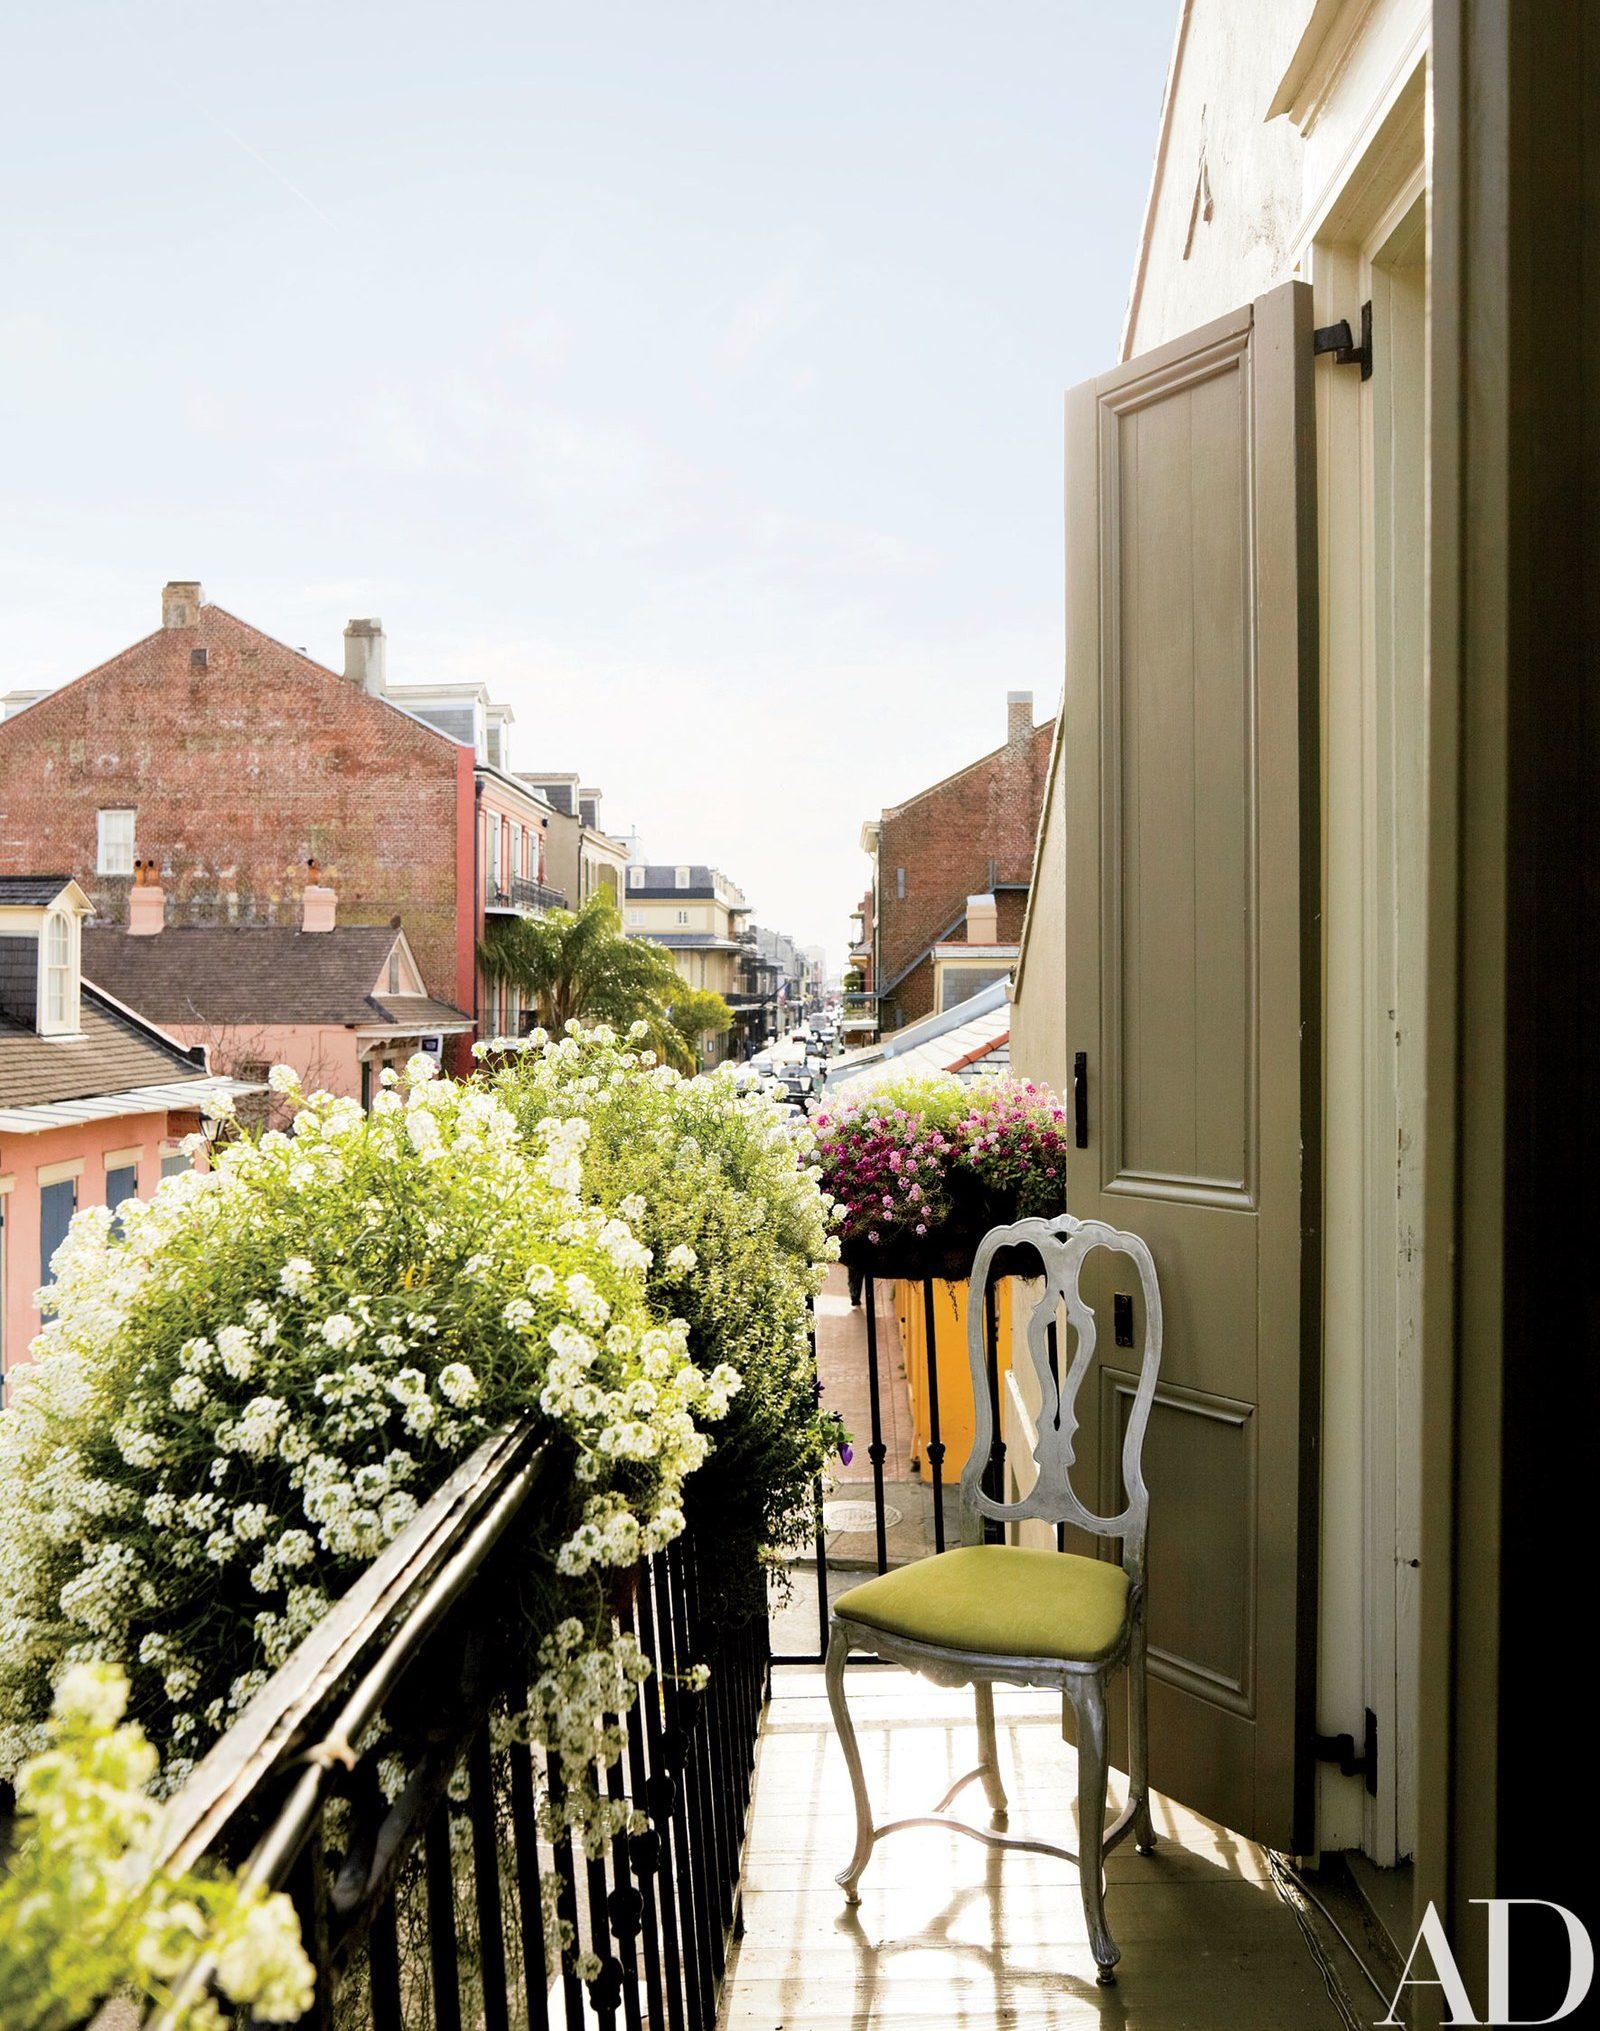 french interior design inspo new orleans home verandah